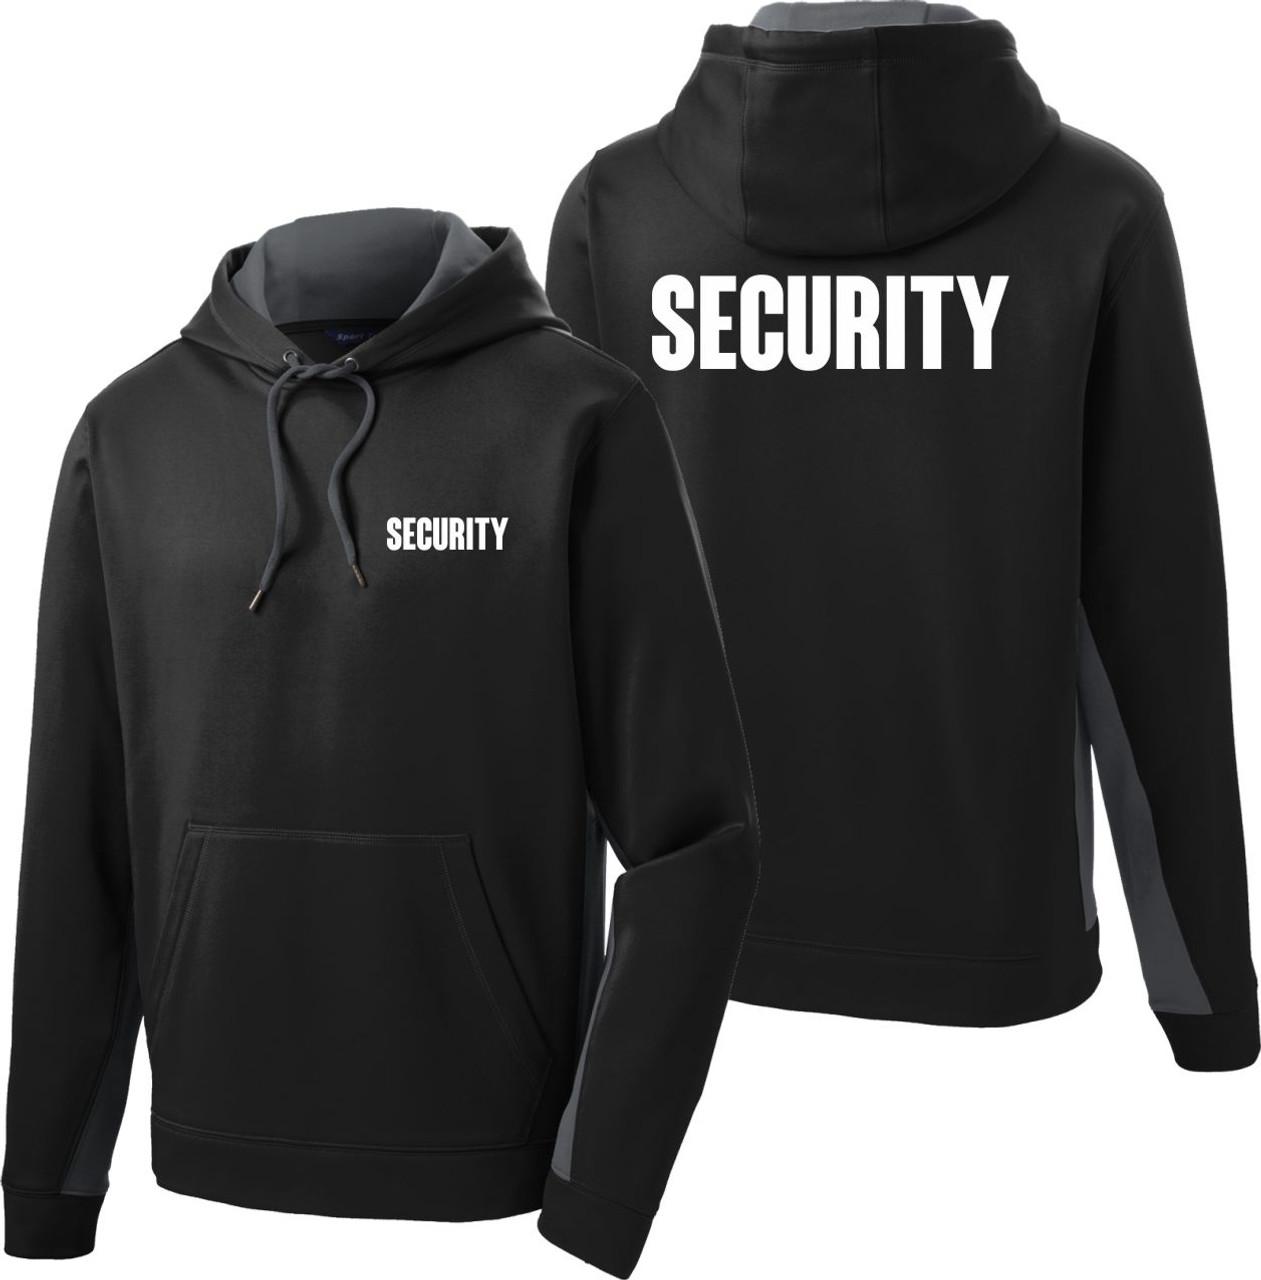 Grey and Black Security Hoodie   Performance Fleece Security Hoodie